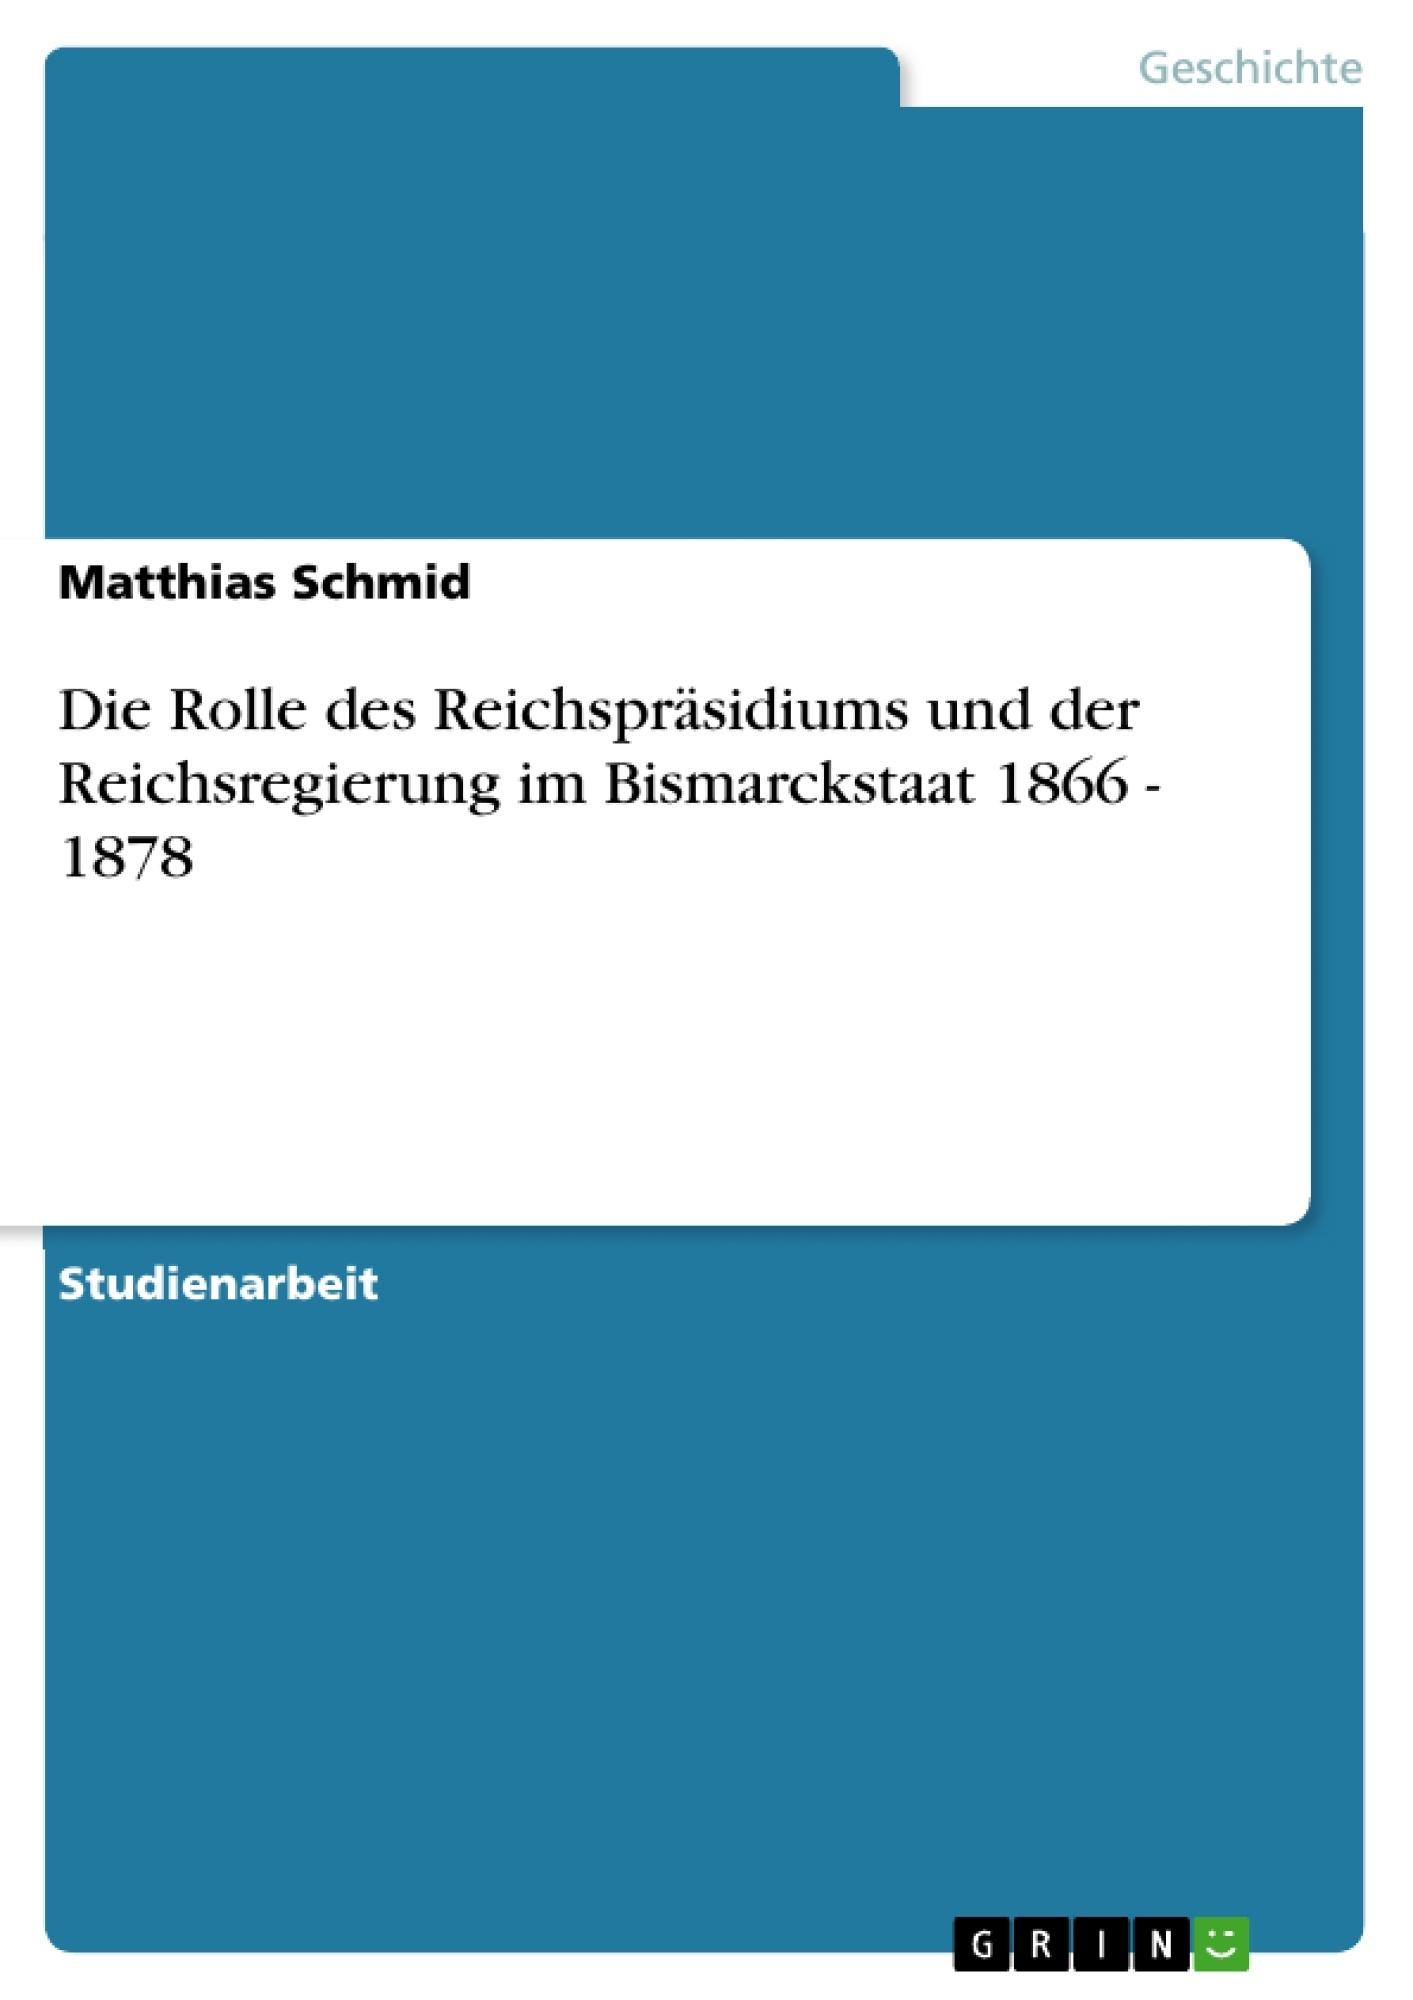 Titel: Die Rolle des Reichspräsidiums und der Reichsregierung im Bismarckstaat 1866 - 1878